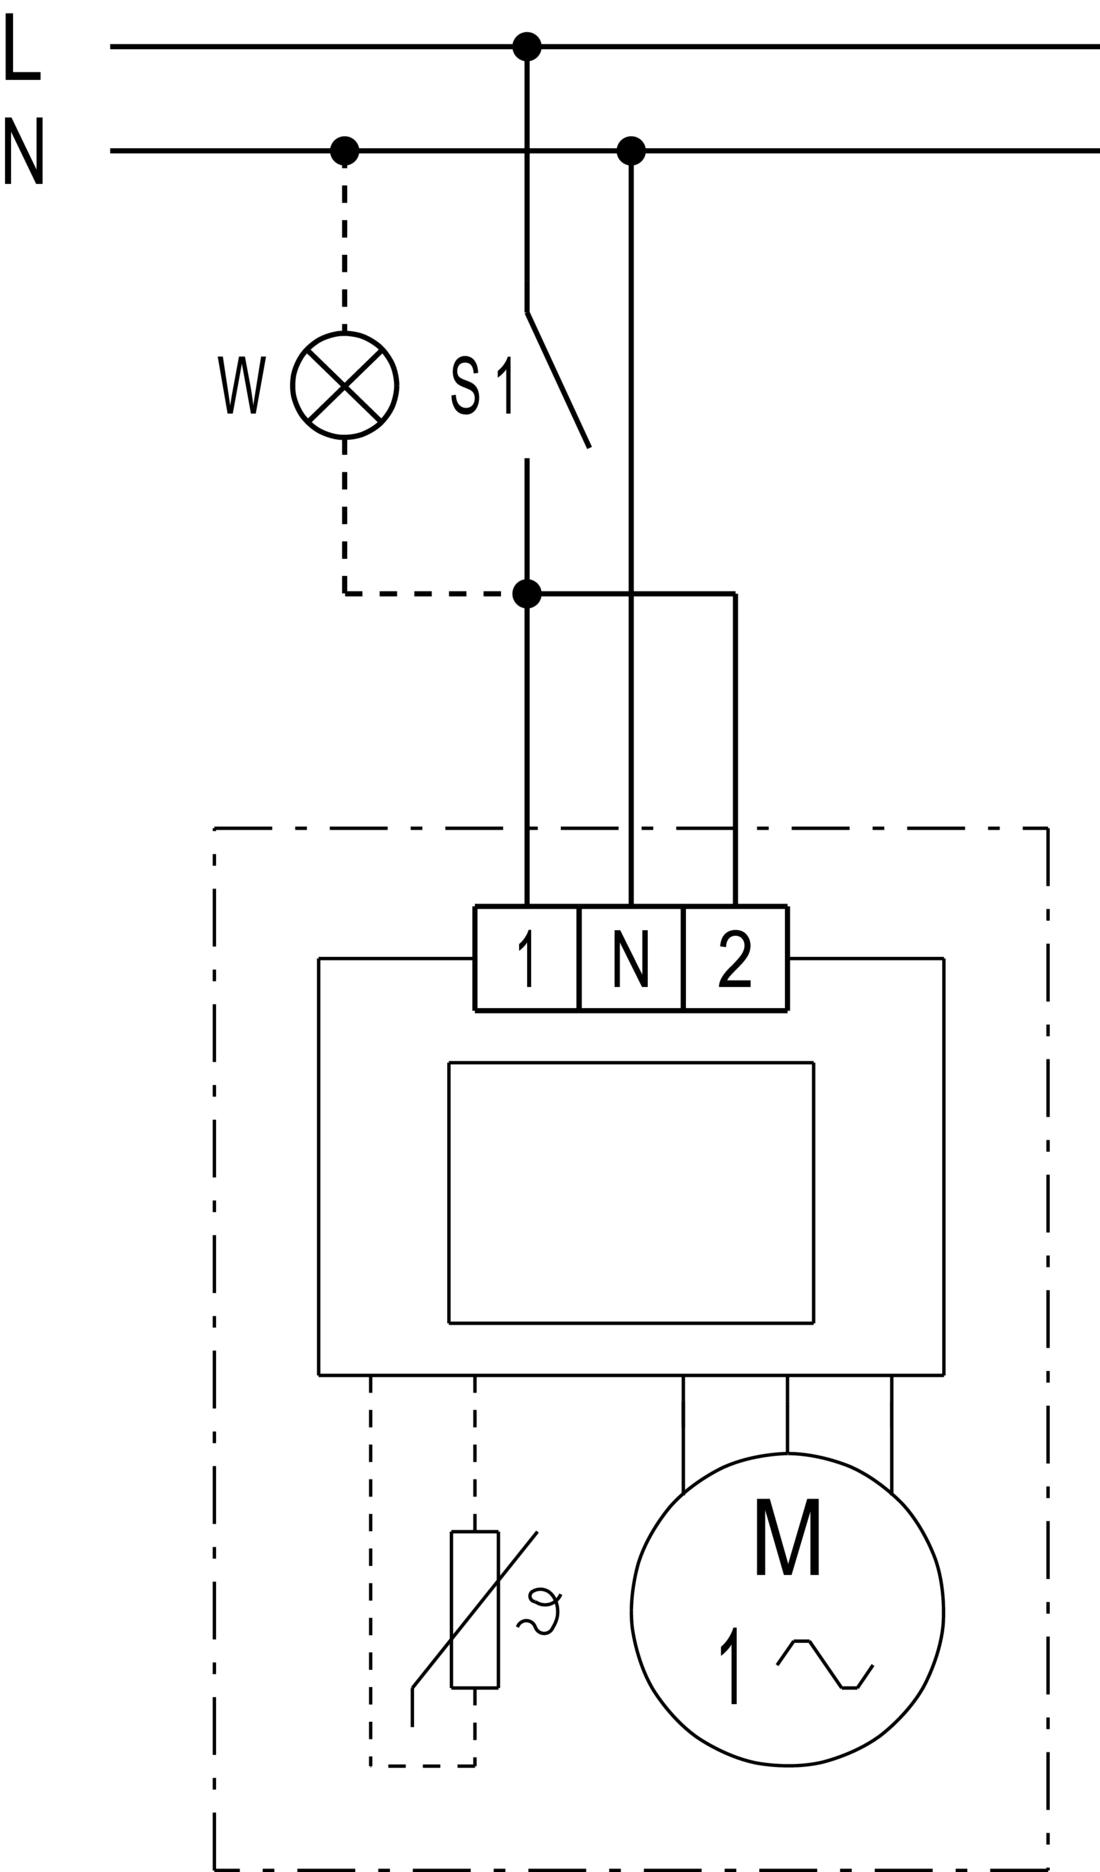 Bbe d82 sonic maximizer plugin au vst rtas